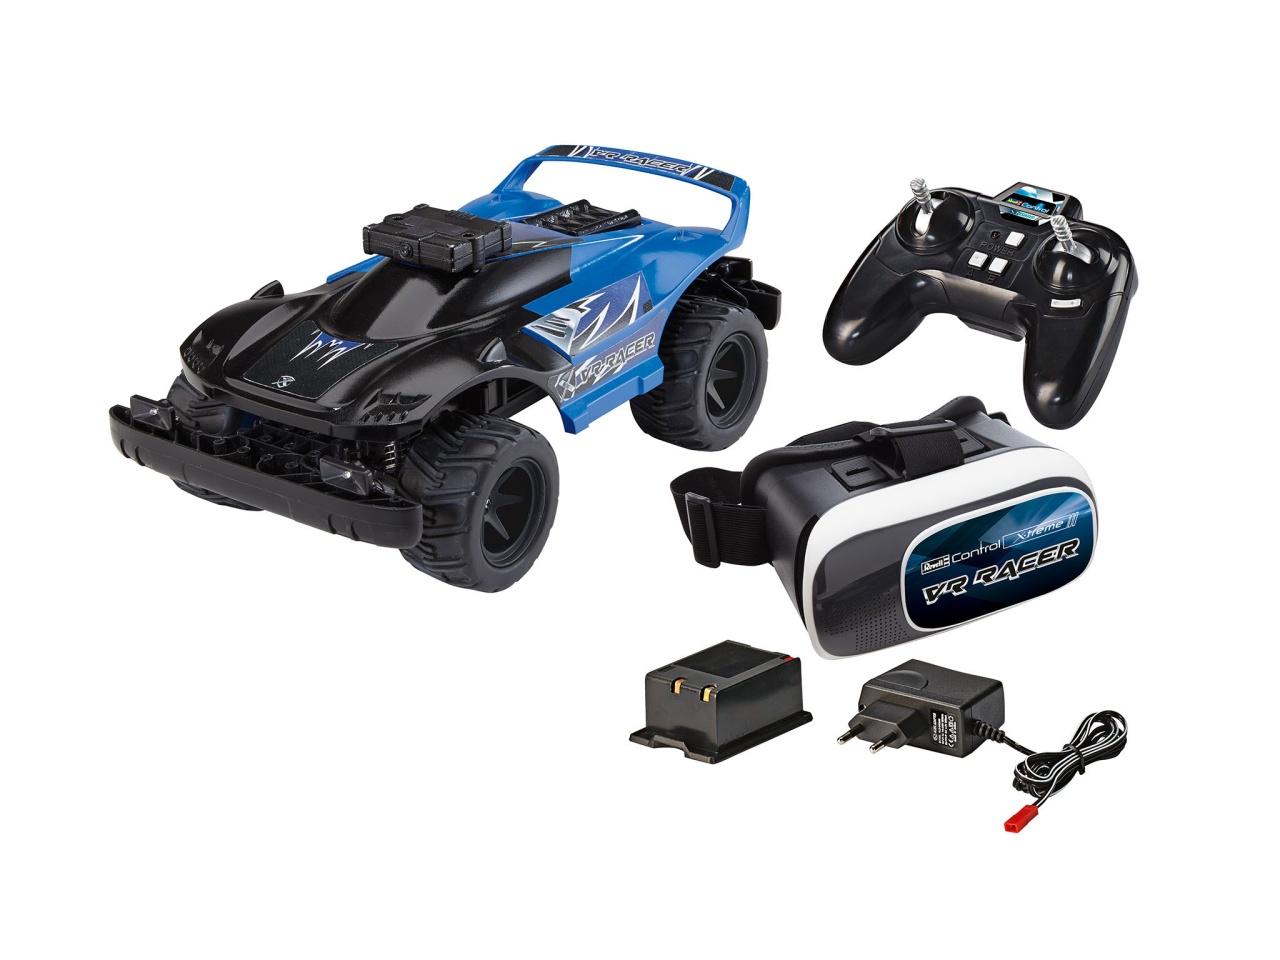 Revell 24817 VR Racer X-treme